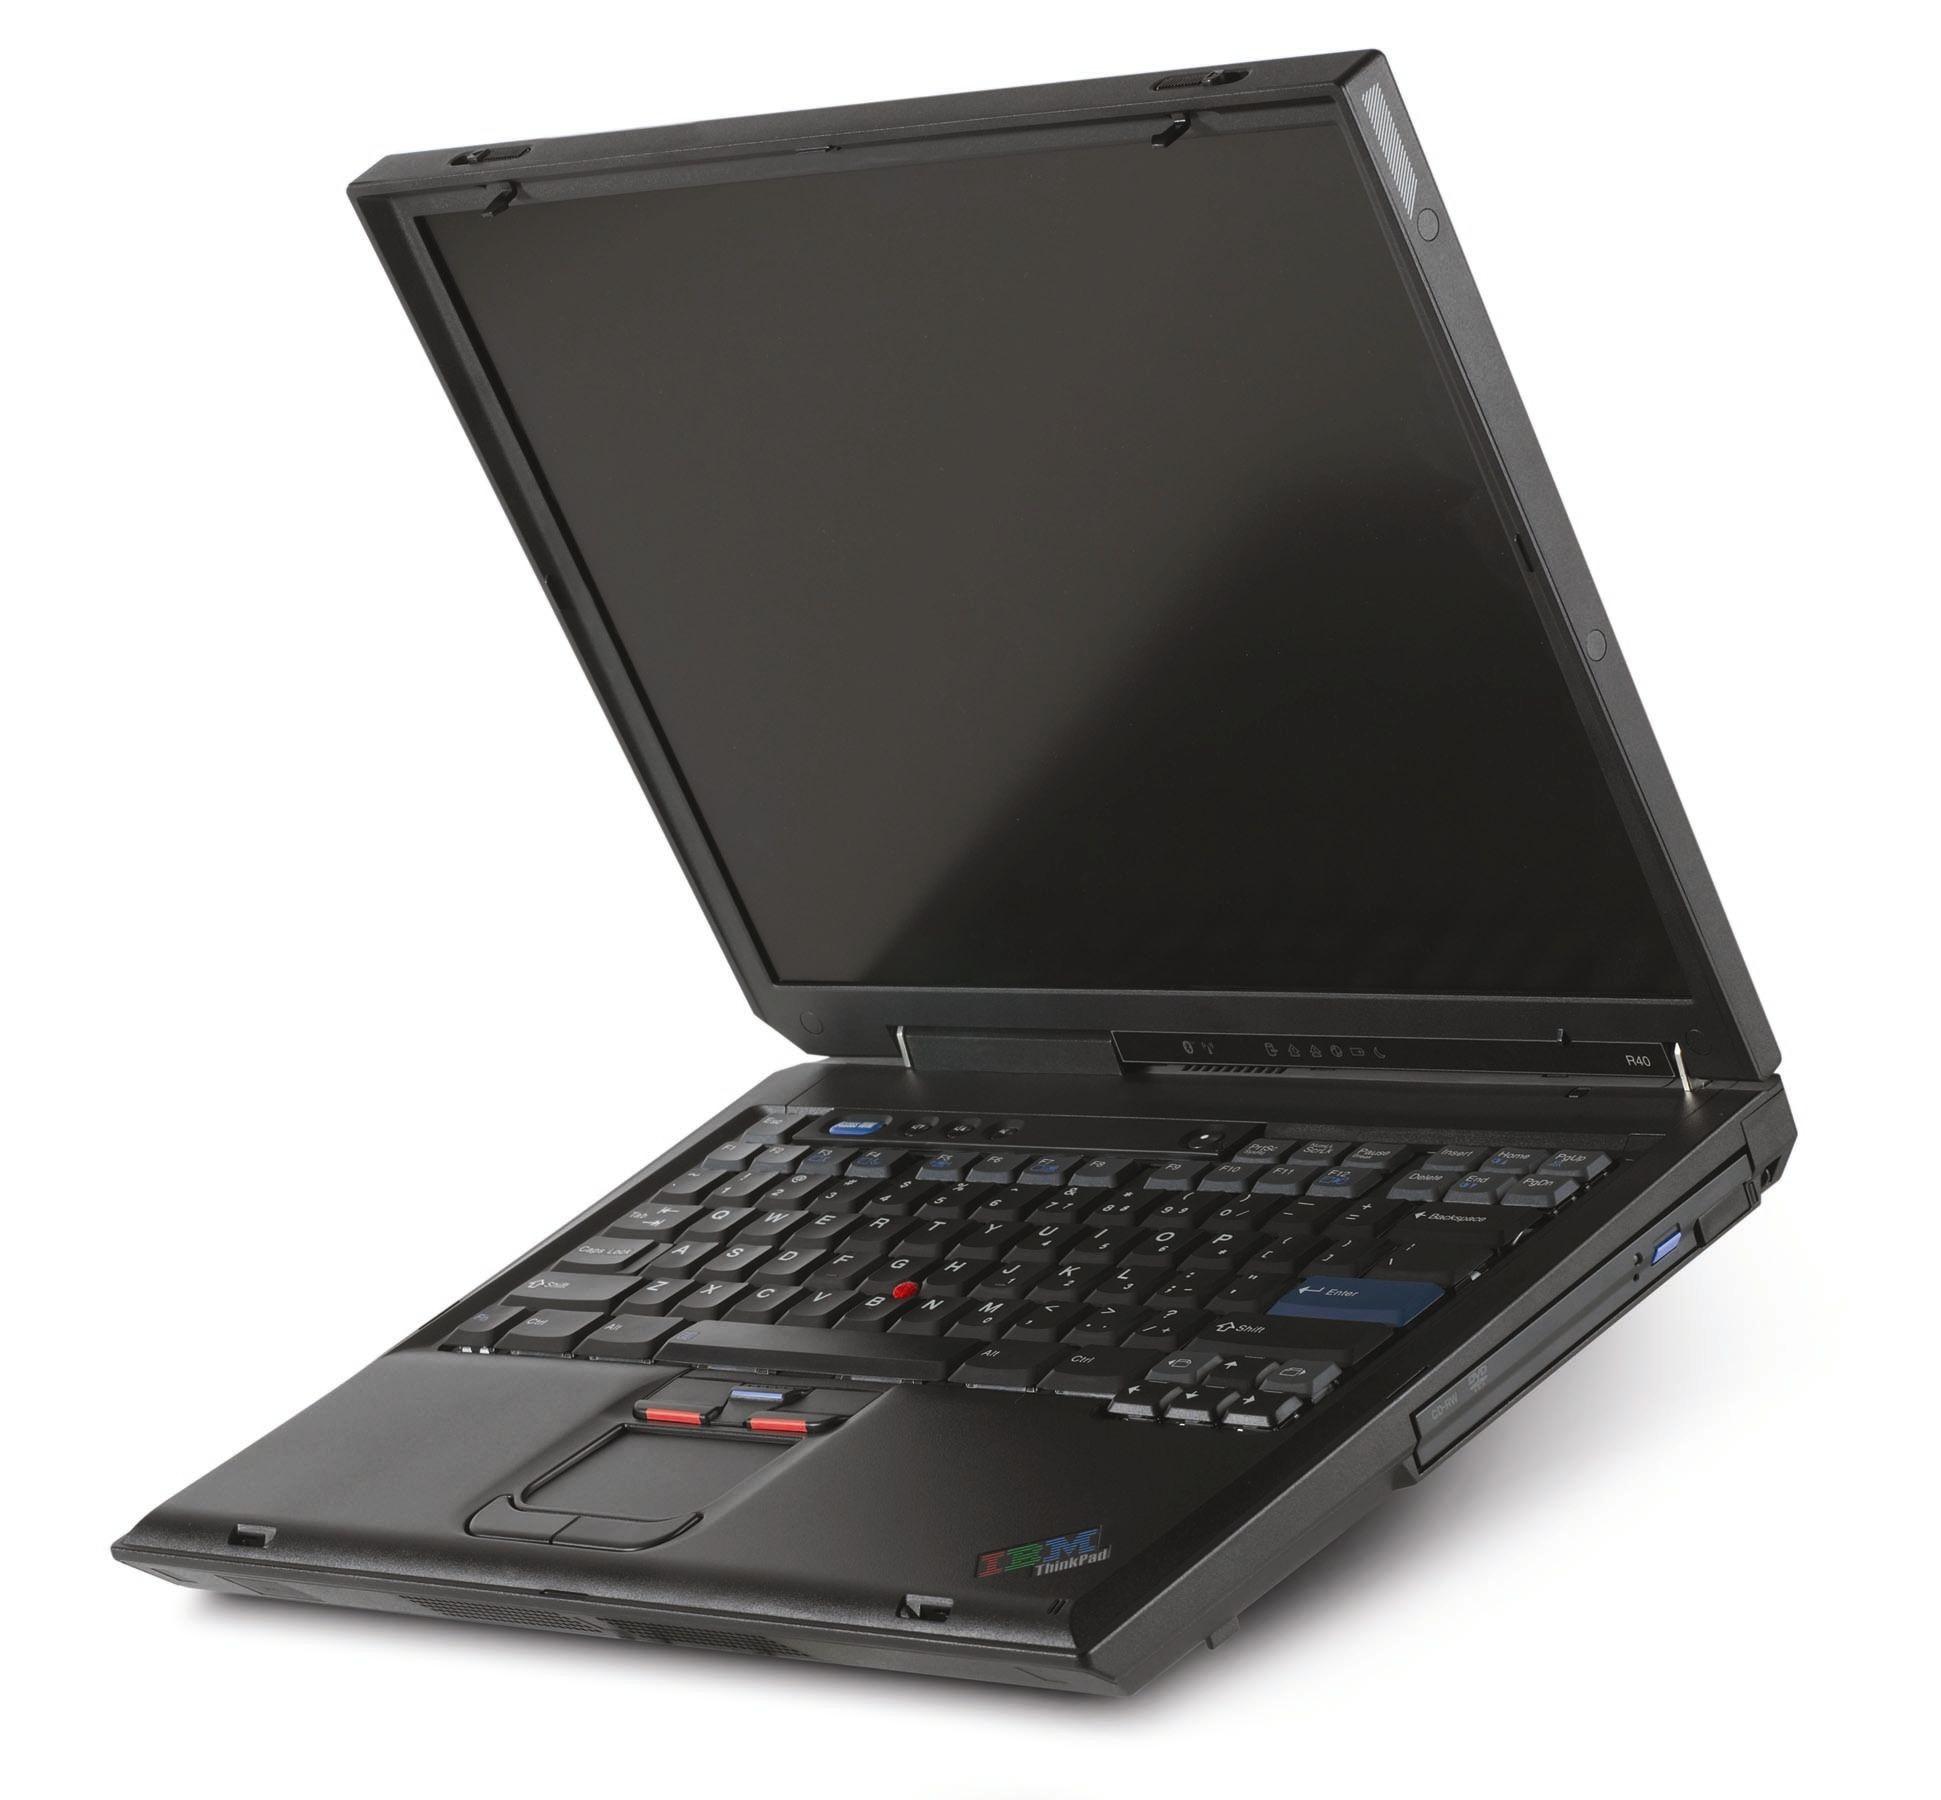 IBM Thinkpad R40 15-inch Laptop PC Review